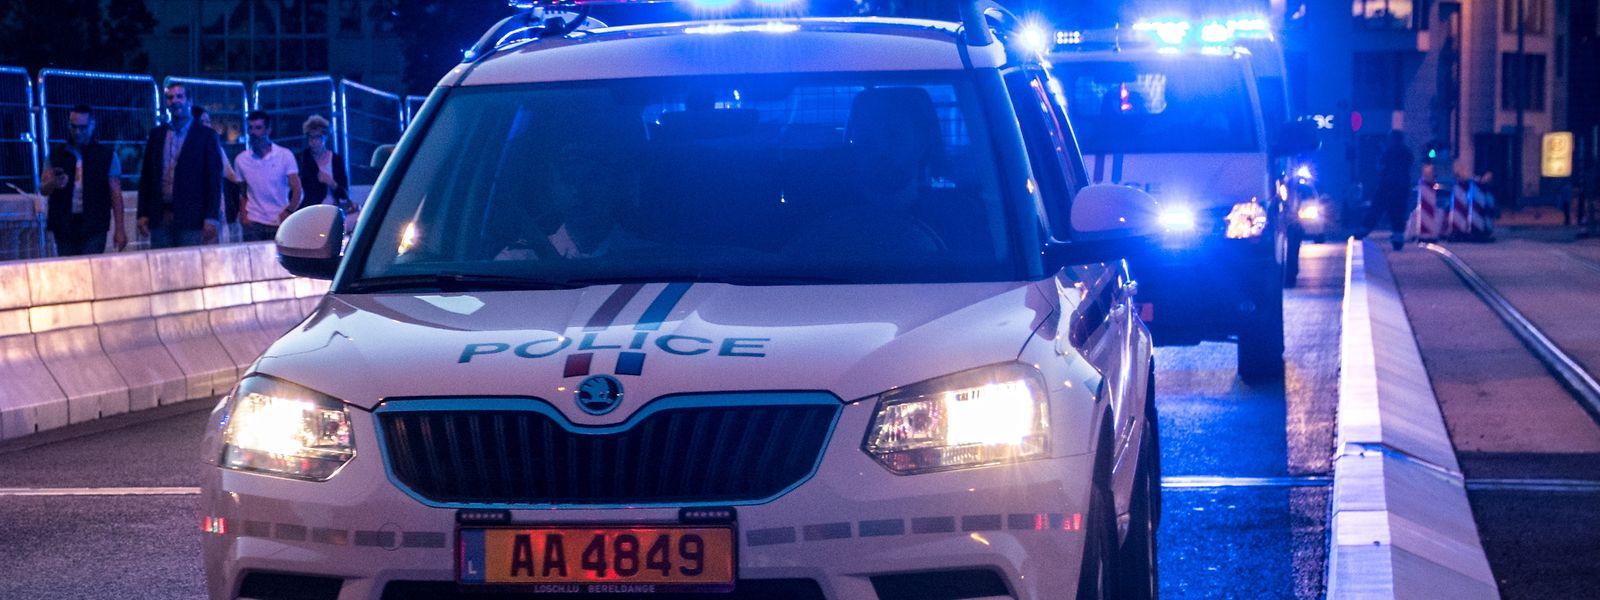 Bei den fünf Zwischenfällen war die Polizei im Einsatz und nahm das Geschehen zu Protokoll.